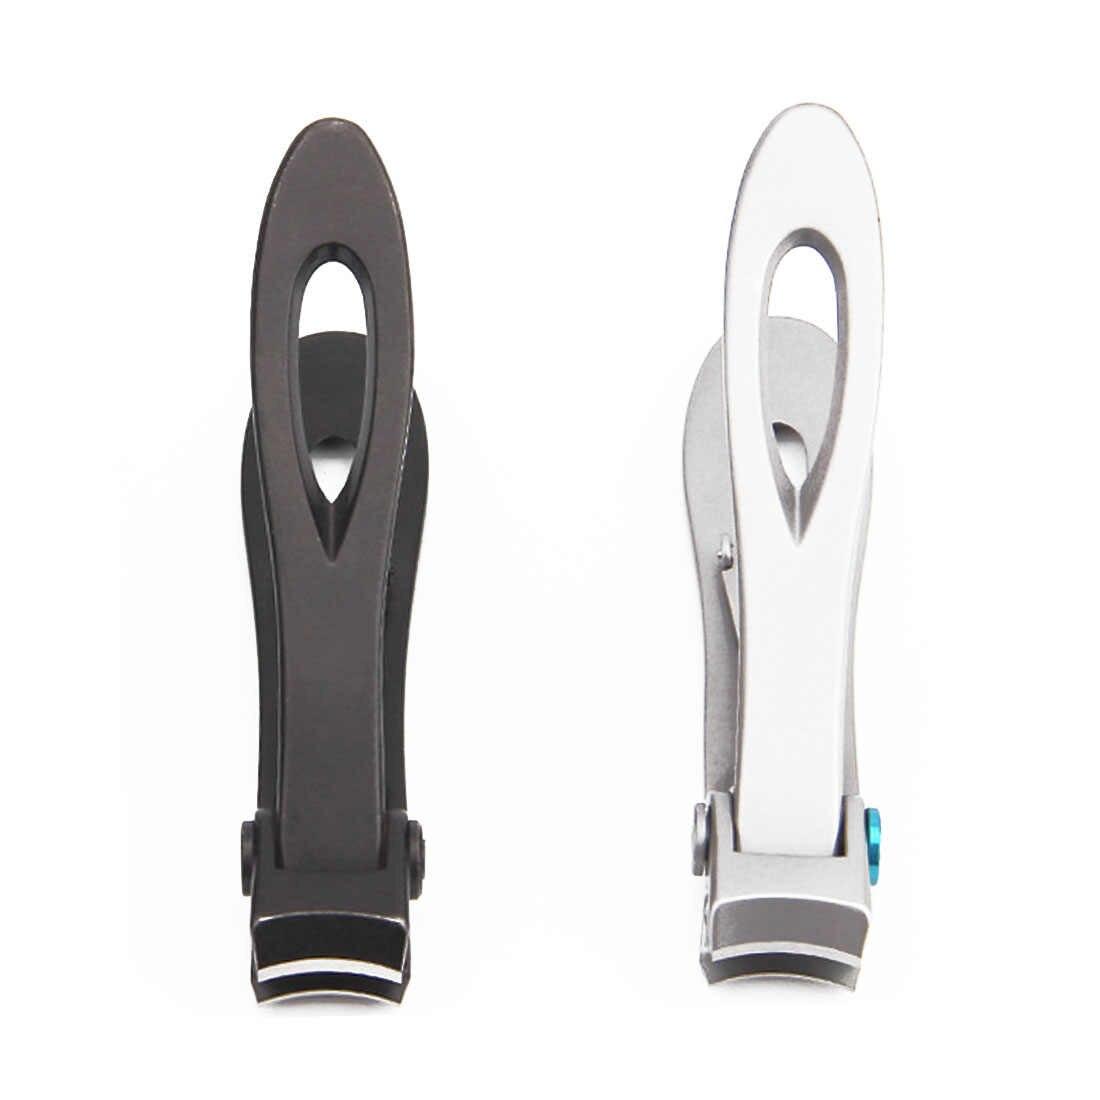 Ножницы для ногтей Toenail ClippersWide рот триммер для резки ногтей для толстой nailsнержавеющая сталь машинка для стрижки ногтей